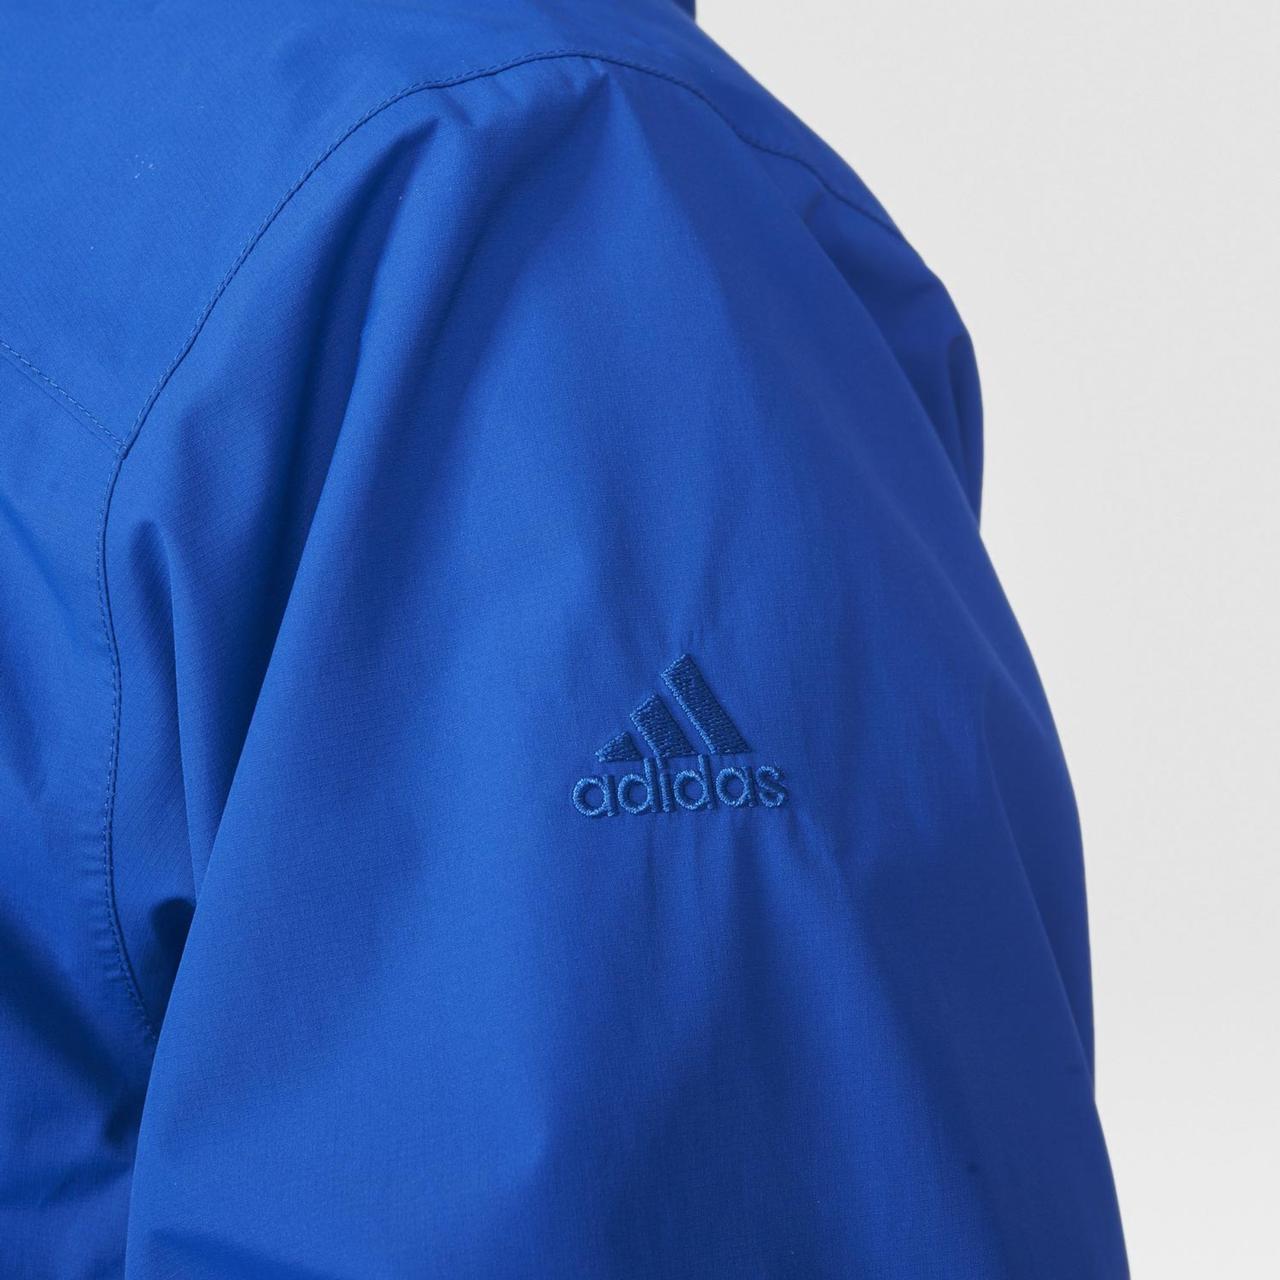 36ae2134 ... с Ветровка спортивная мужская adidas 2L GTX JKT AO2377 (синяя,  непромокаемая, непродуваемая, с